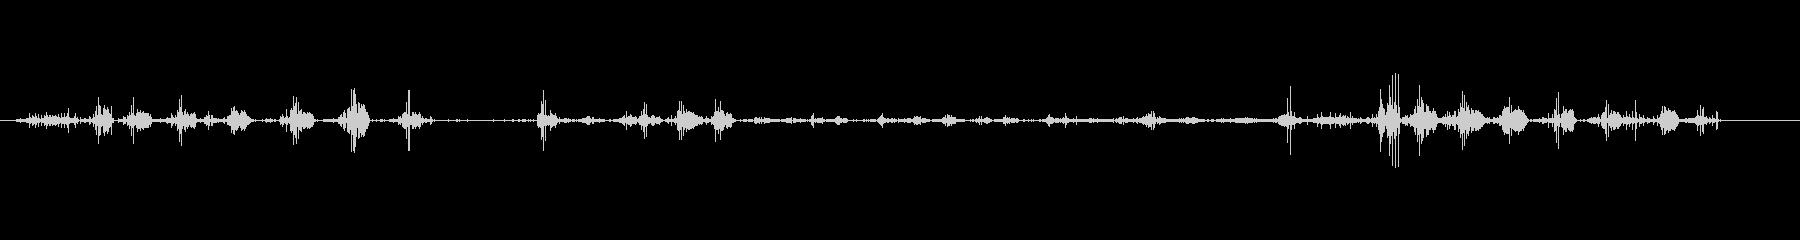 鳩小屋-森の中-飛ぶ鳥の未再生の波形